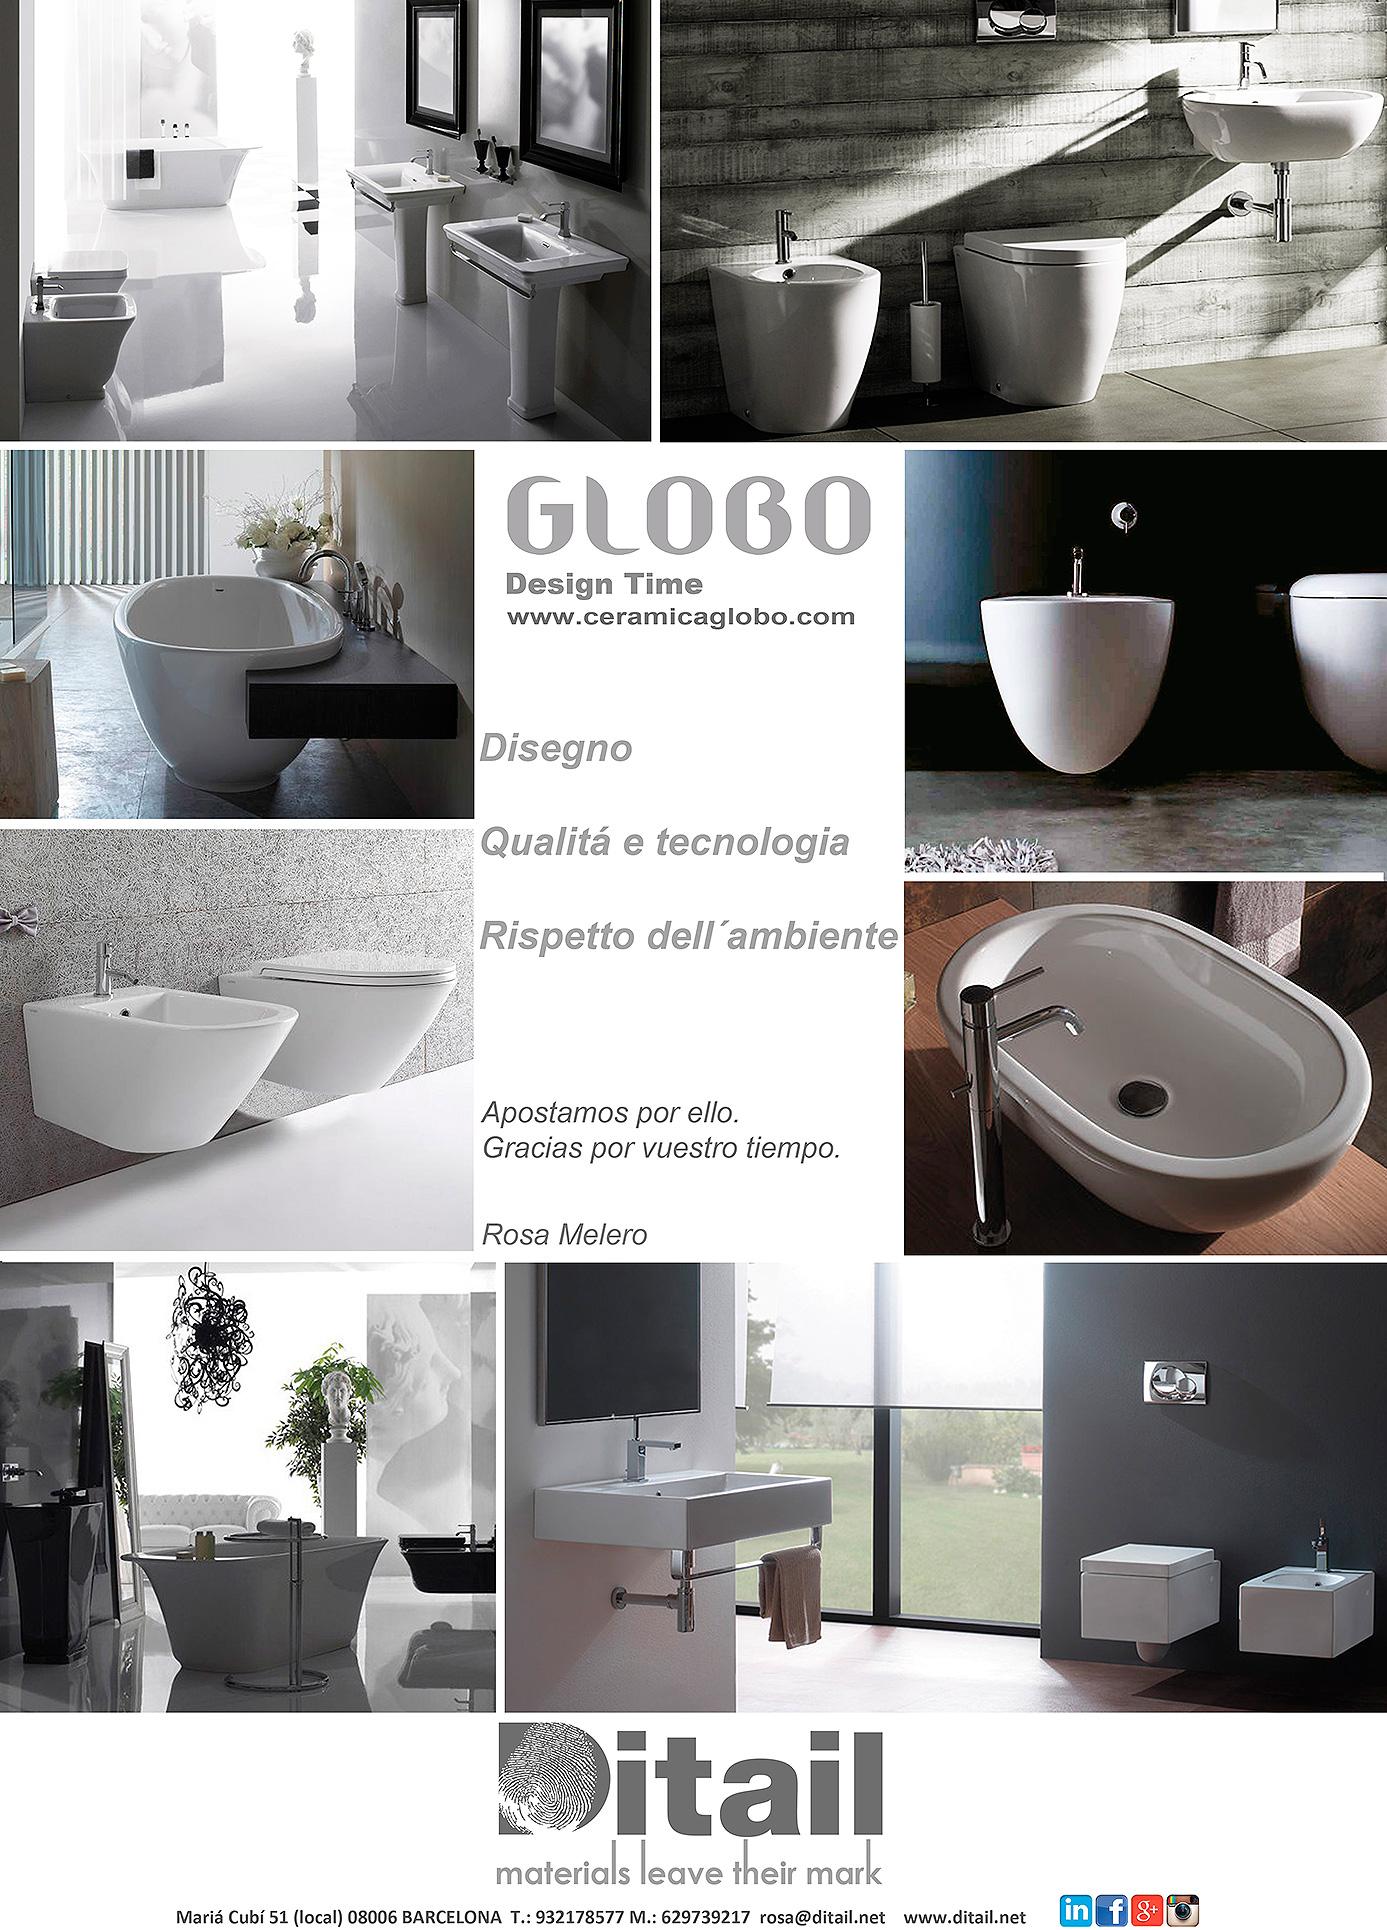 ditail-soluciones--ceramica-globo